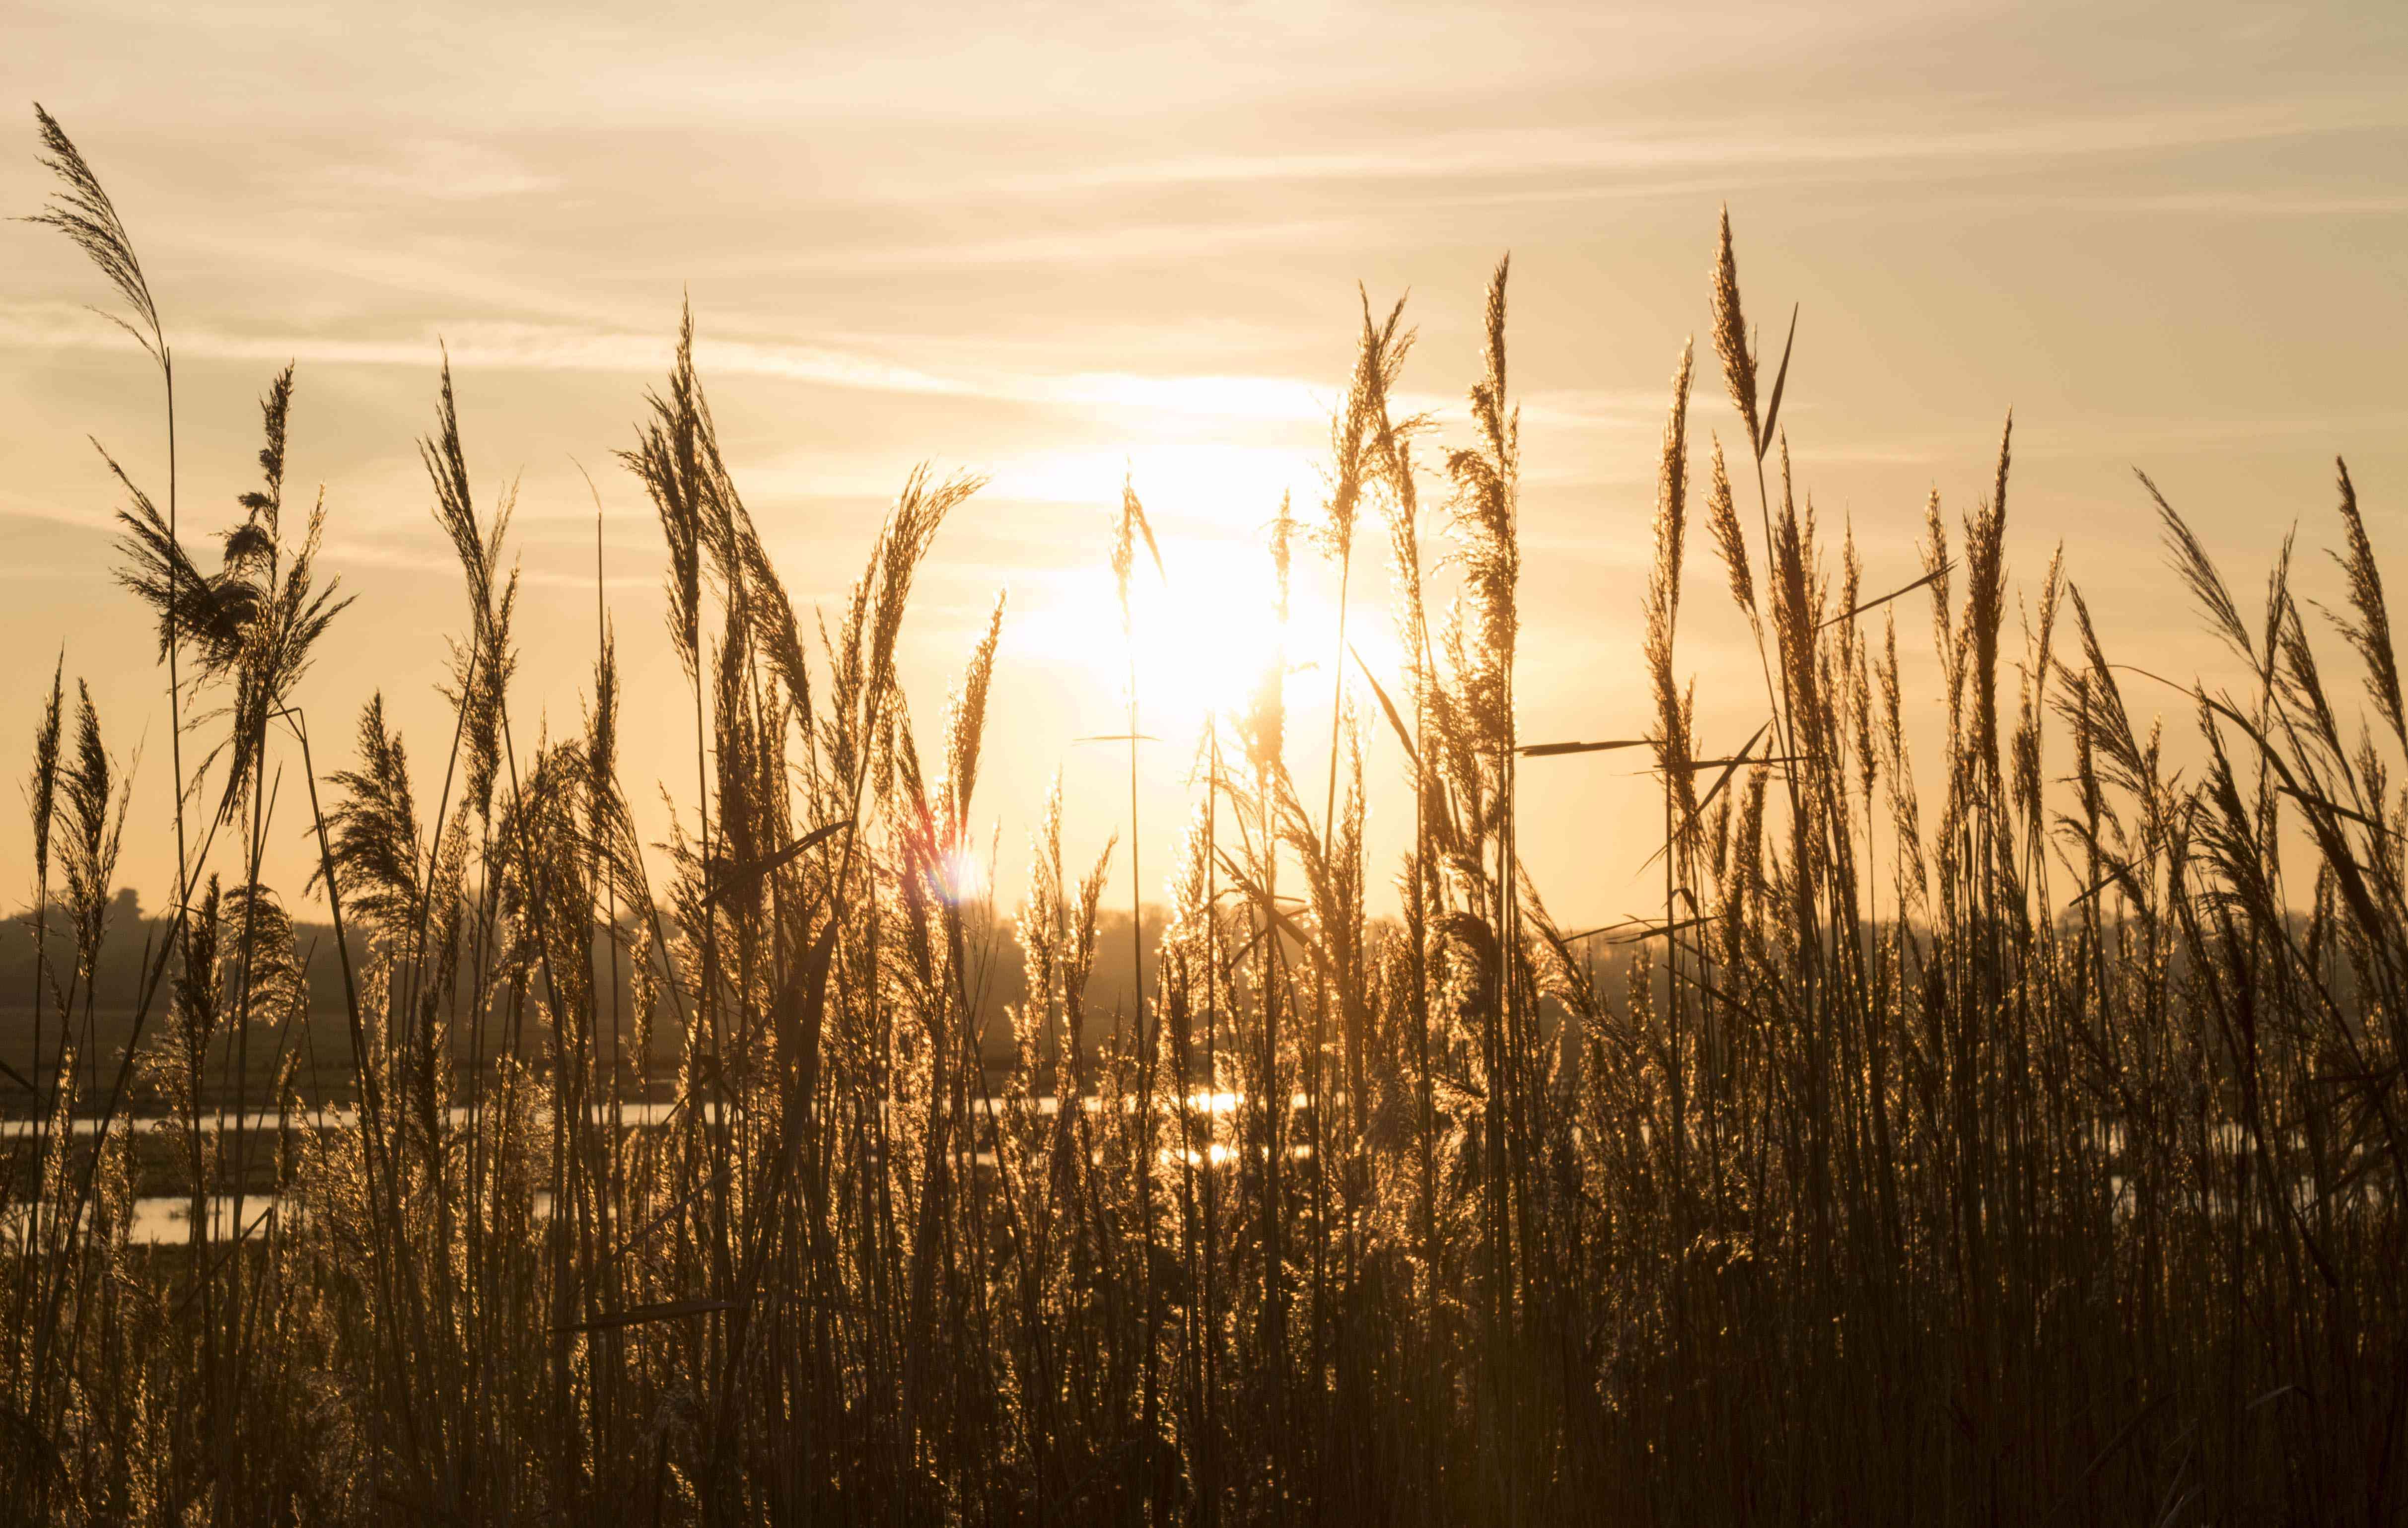 Césped alto con la puesta de sol y la luz que atraviesa el césped